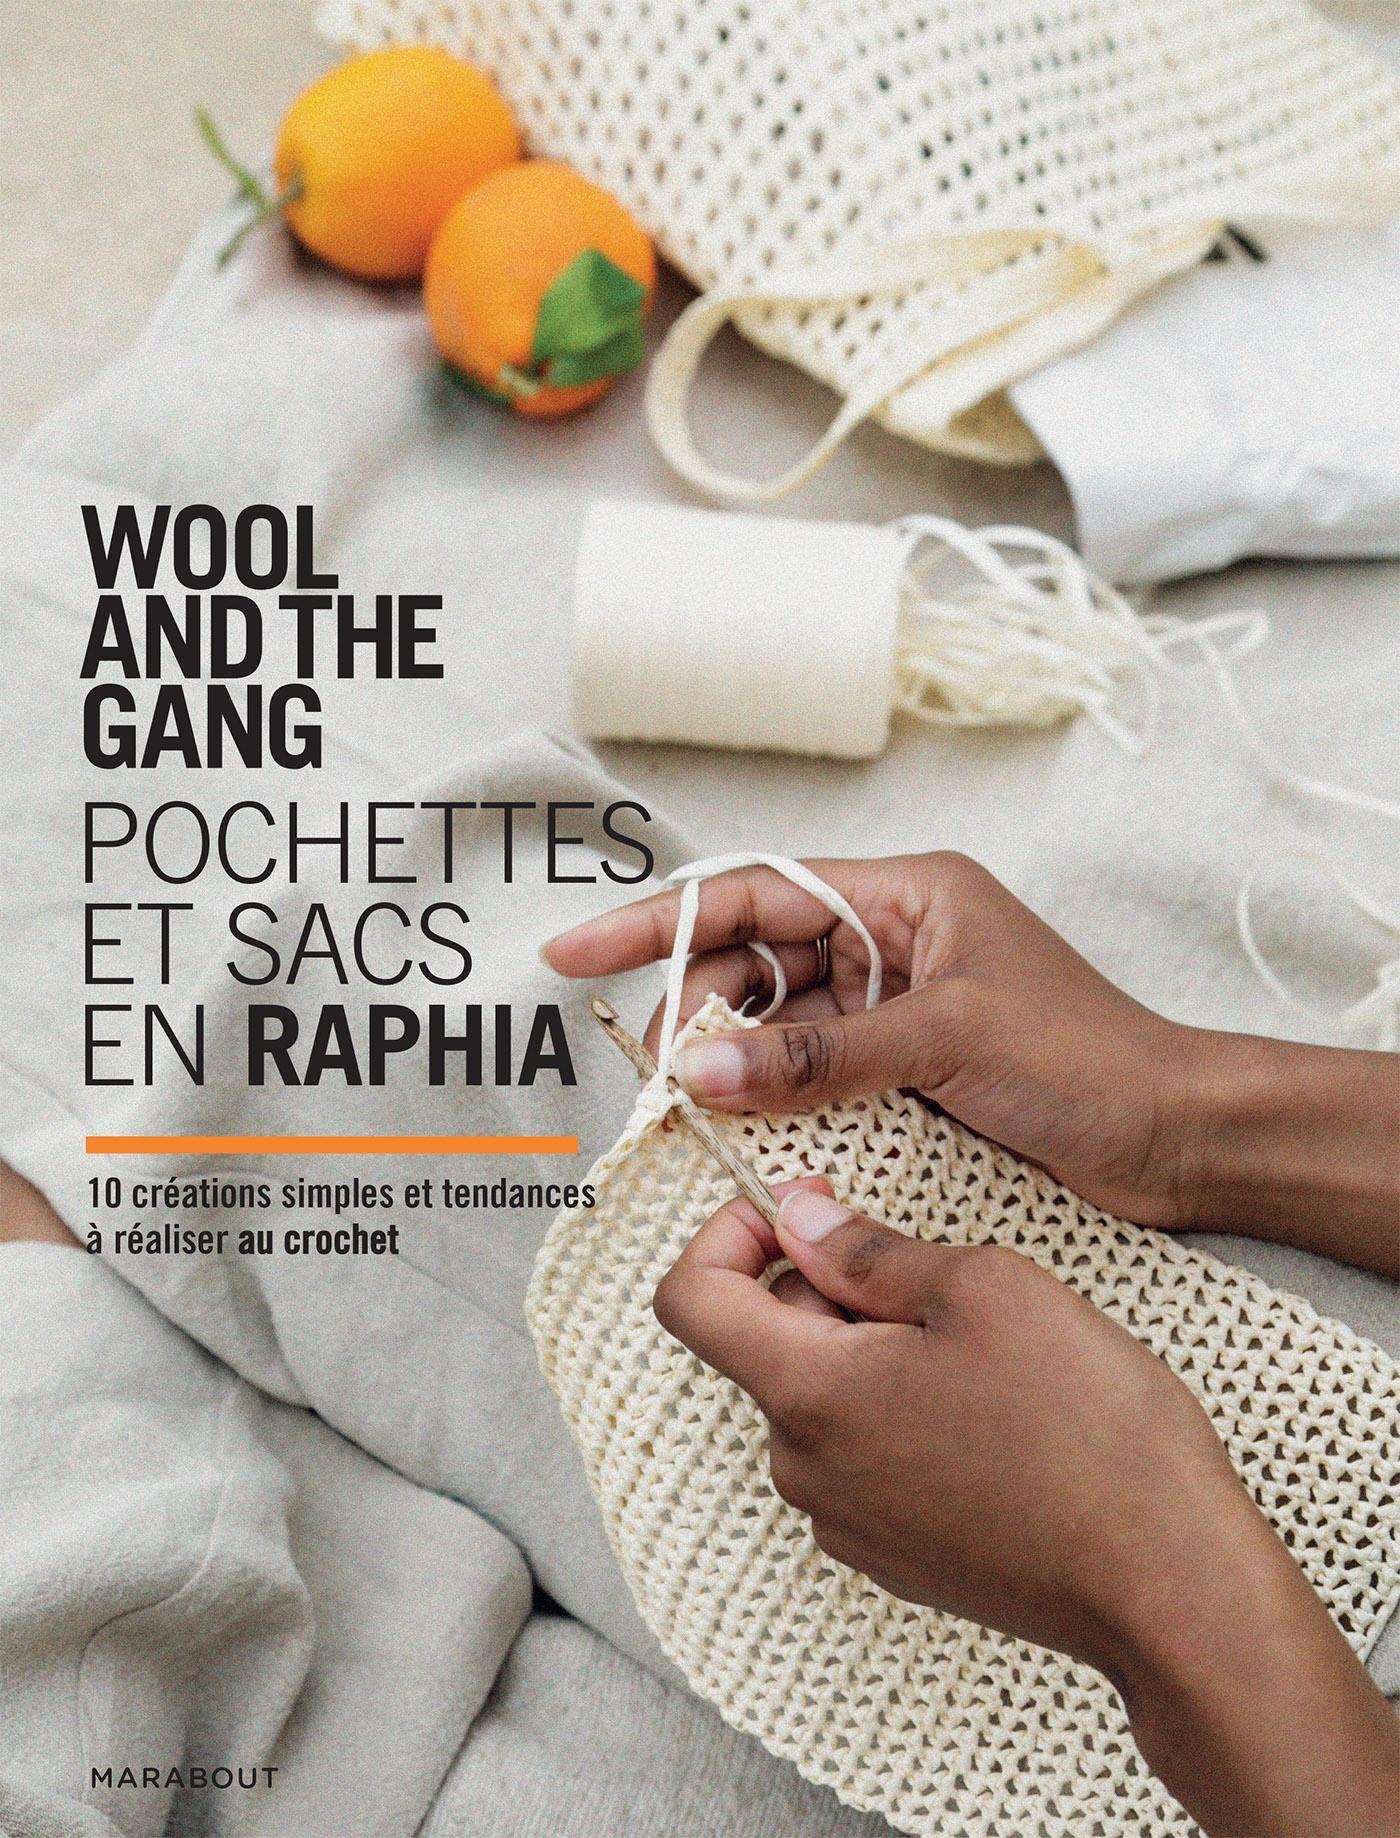 WOOL AND THE GANG : POCHETTES ET SACS EN RAPHIA